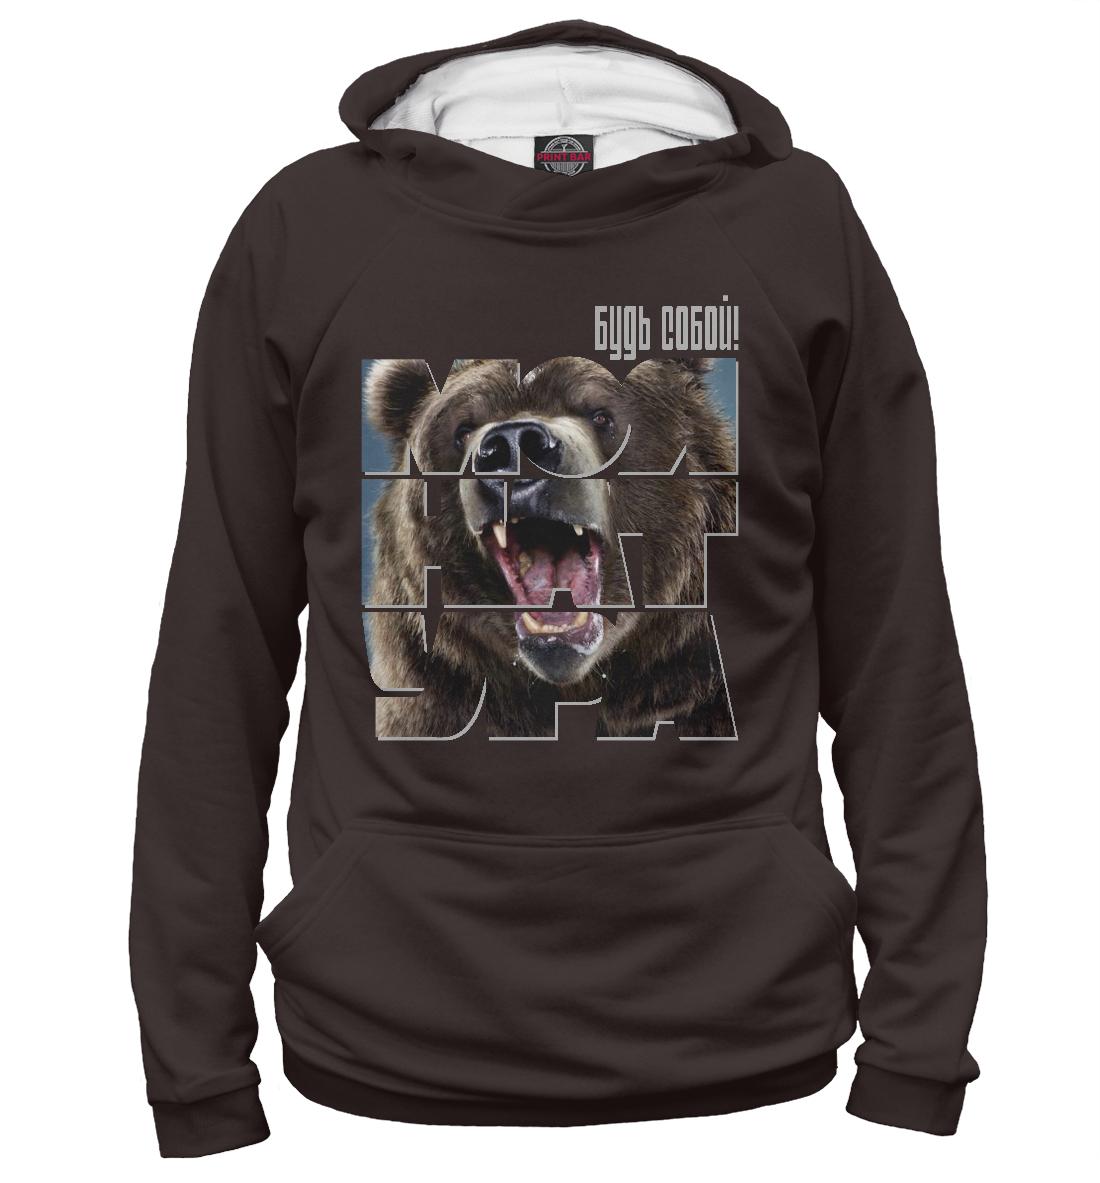 Купить Медведь - моя натура, Printbar, Худи, MED-872935-hud-1